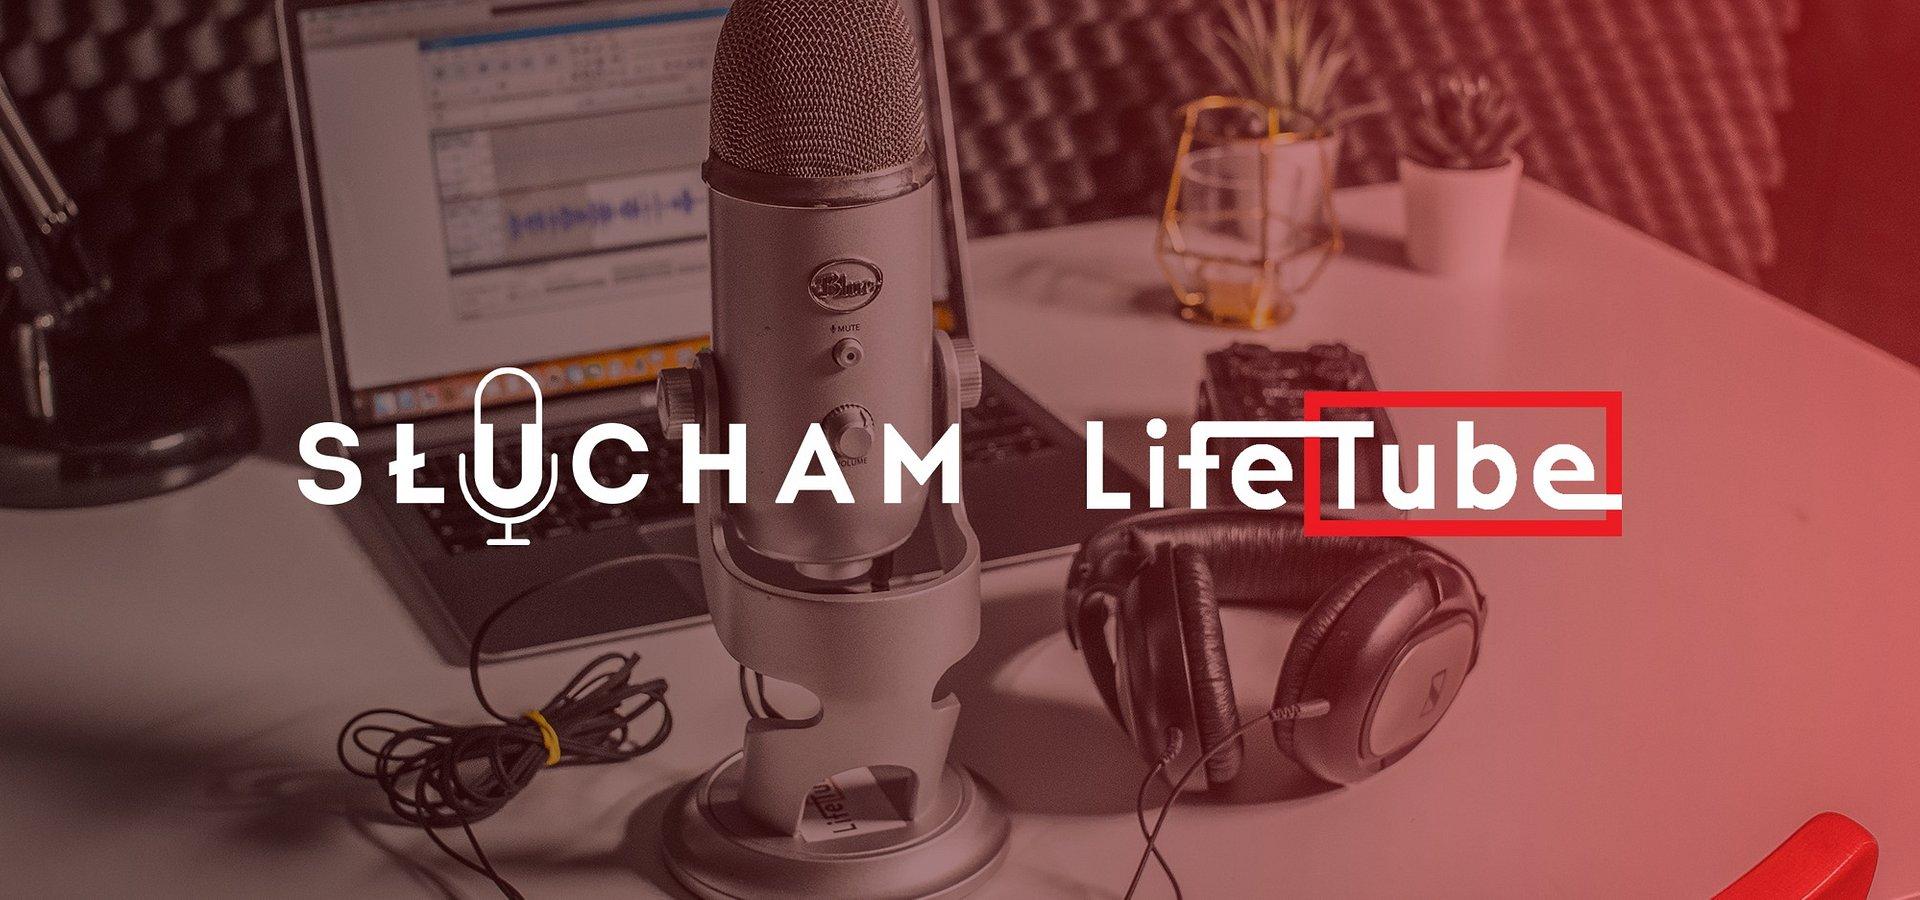 LifeTube i SŁUCHAM strategicznymi partnerami - stworzą pierwszą sieć dla podcasterów